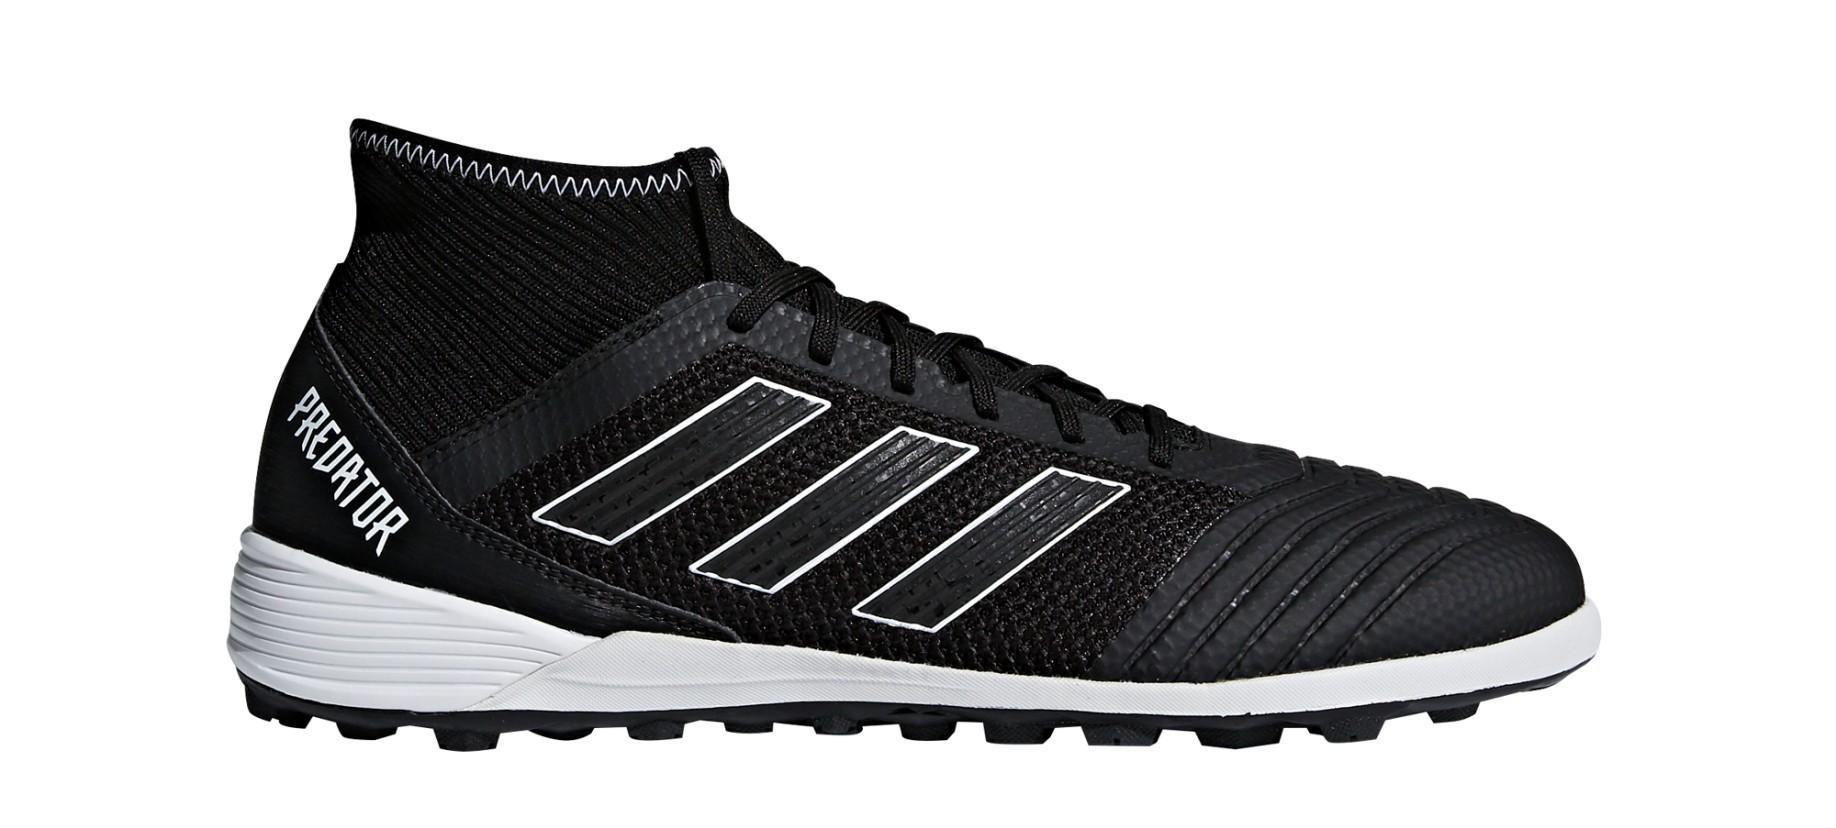 360a11d4939729 Shoes Soccer Adidas Predator Tango 18.3 TF Shadow Mode Pack colore Black -  Adidas - SportIT.com